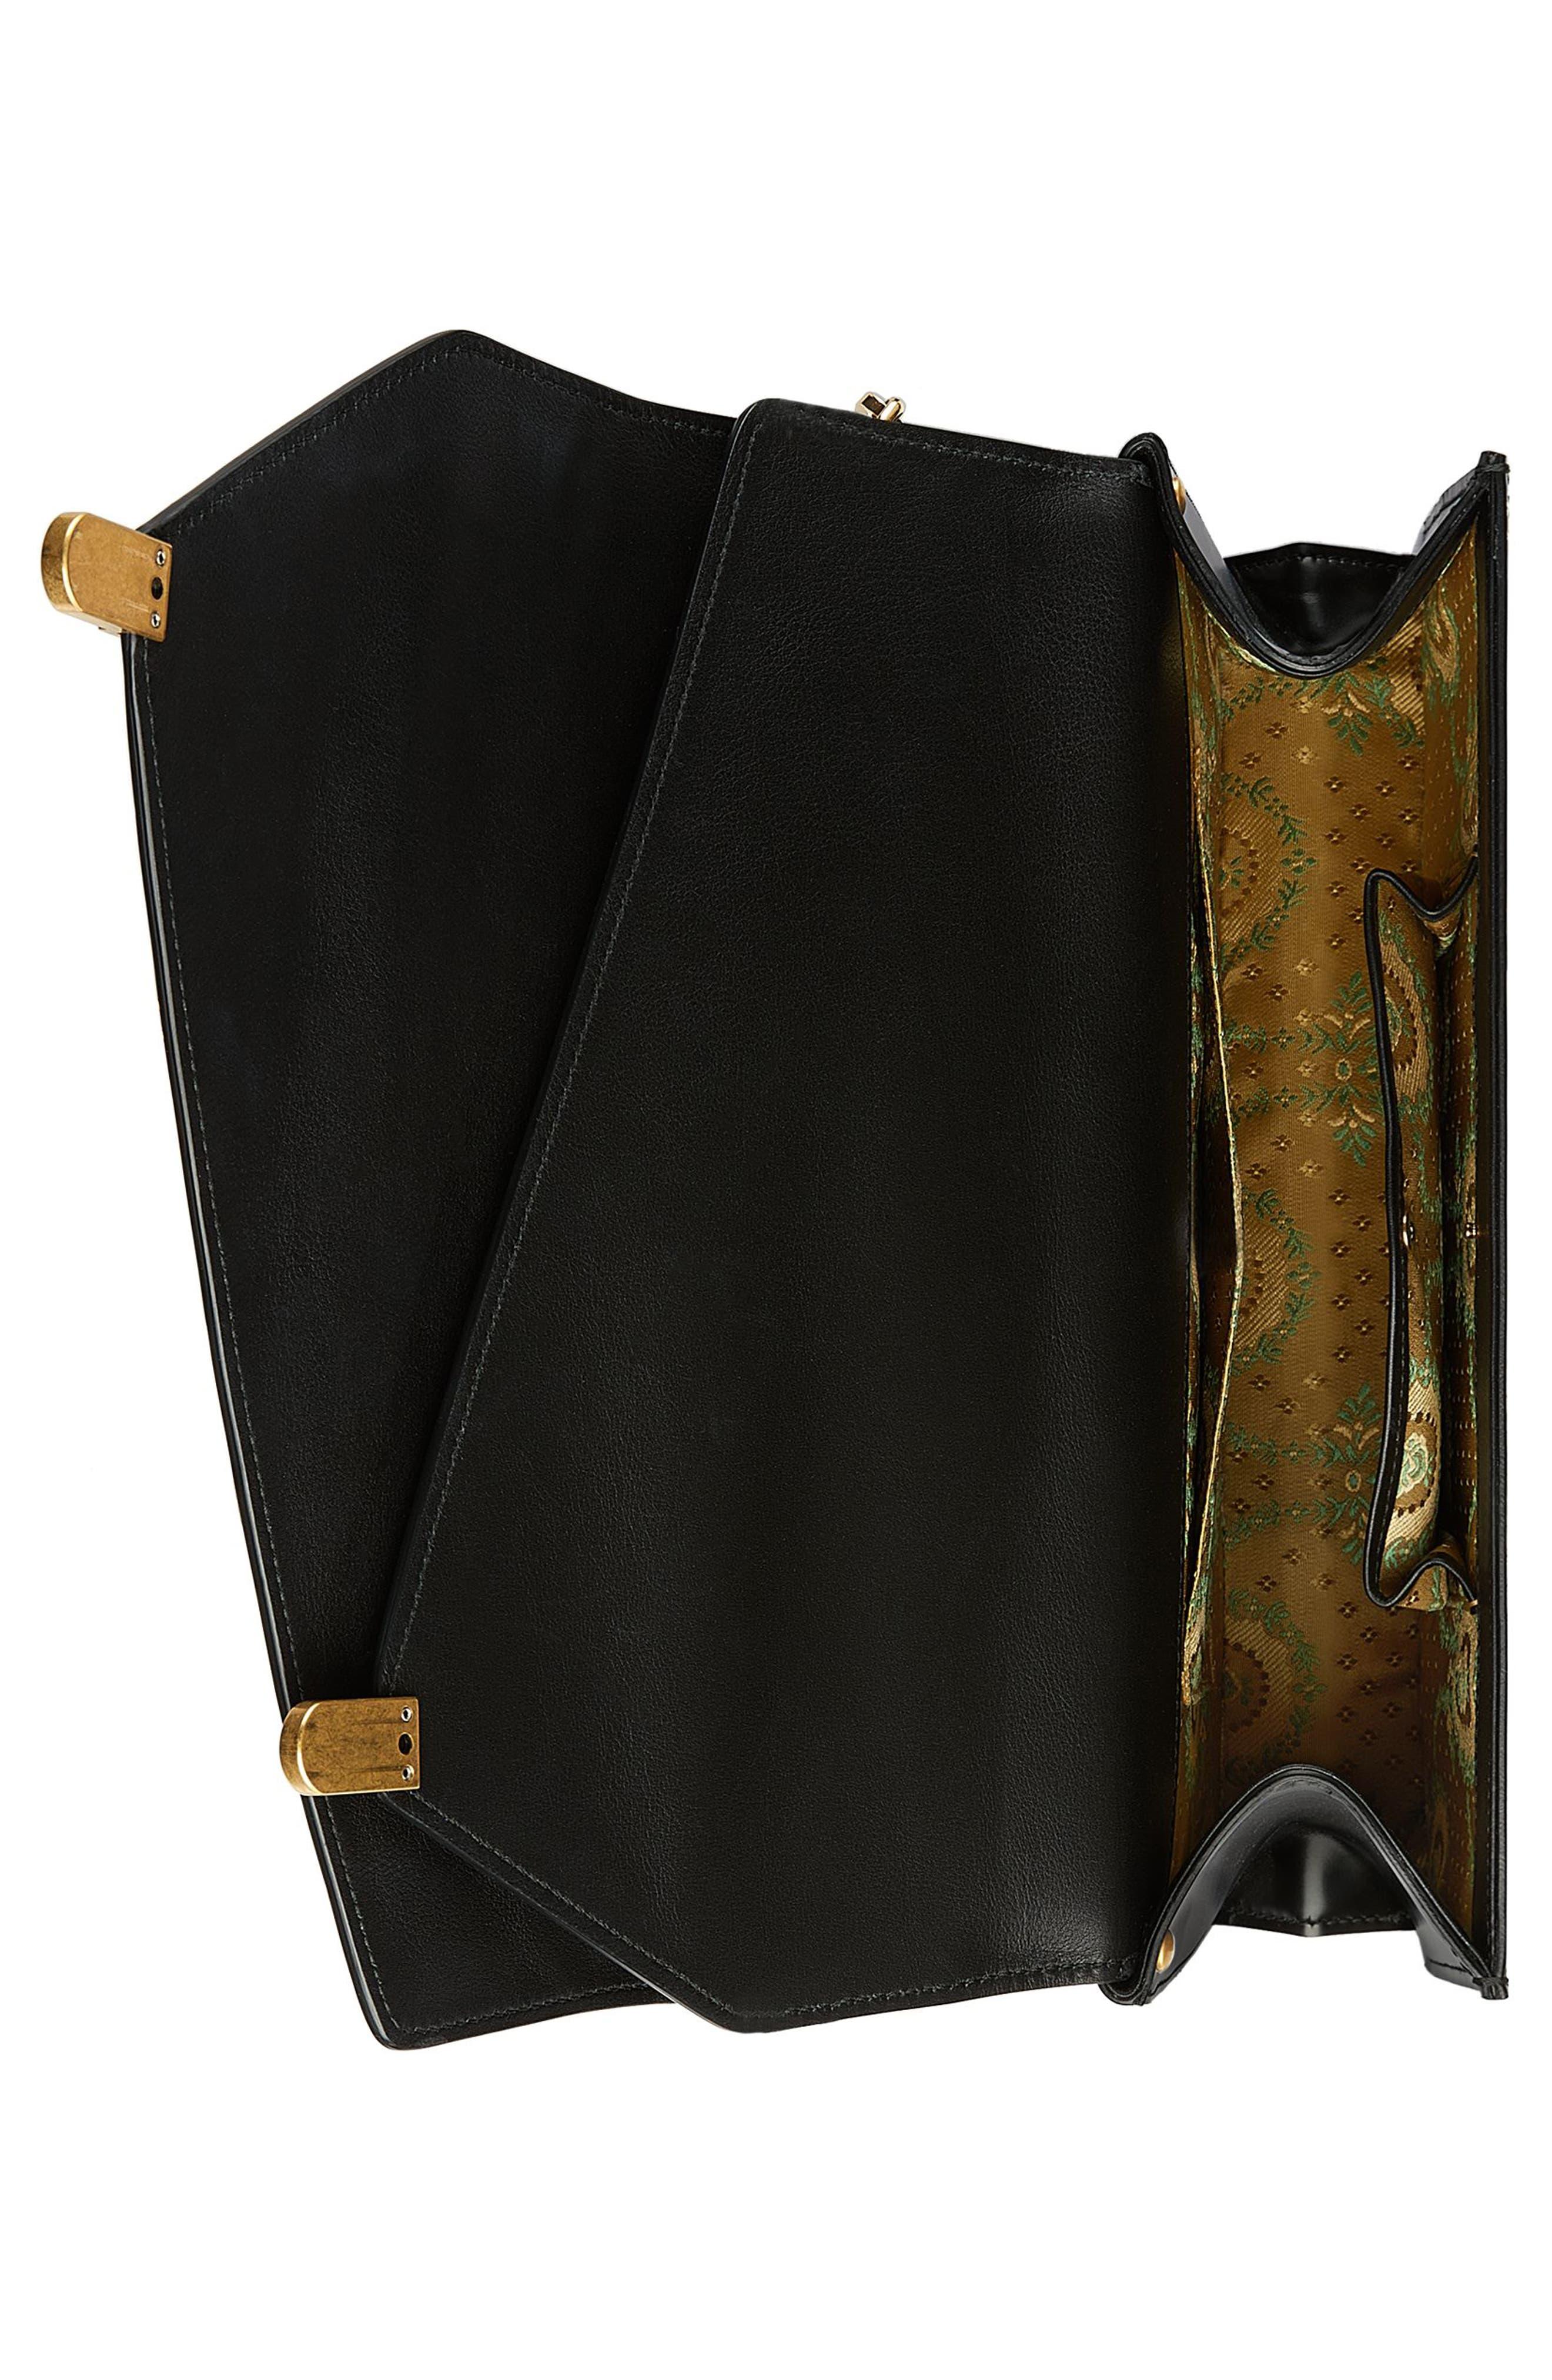 Linea P Border Leather Double Flap Top Handle Satchel,                             Alternate thumbnail 4, color,                             Nero